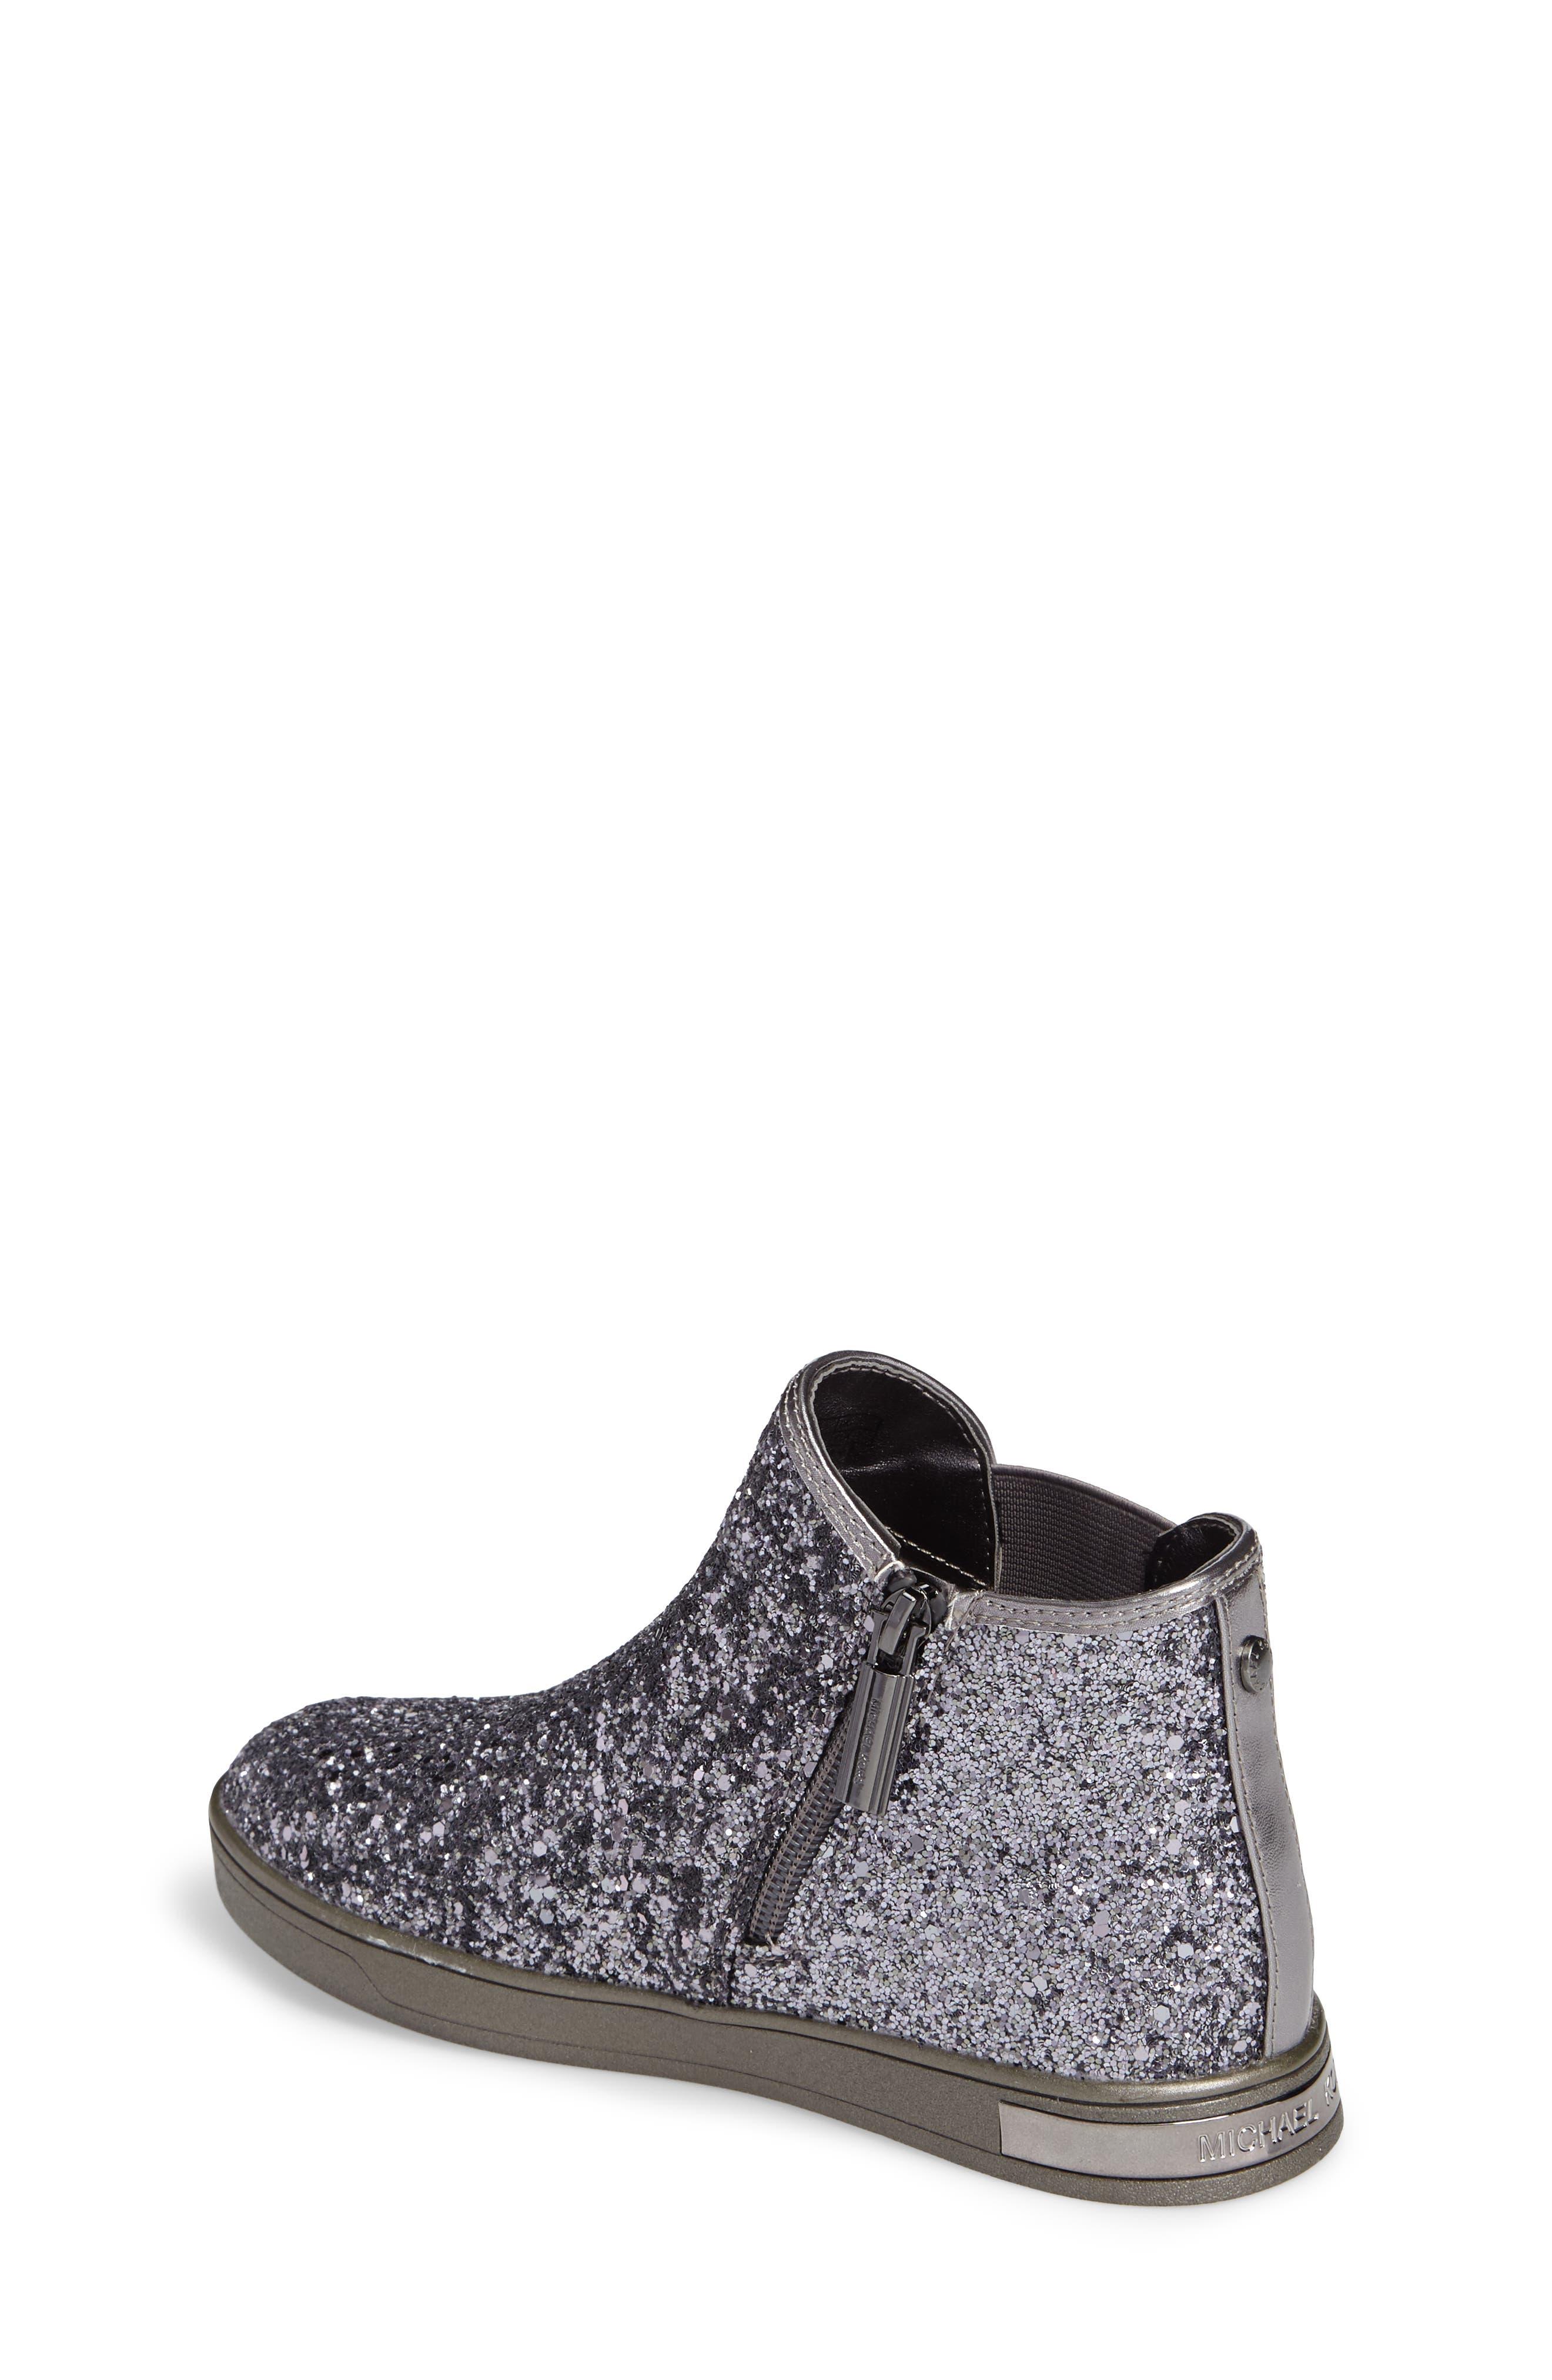 Ollie Rae Glittery Sneaker Boot,                             Alternate thumbnail 2, color,                             040